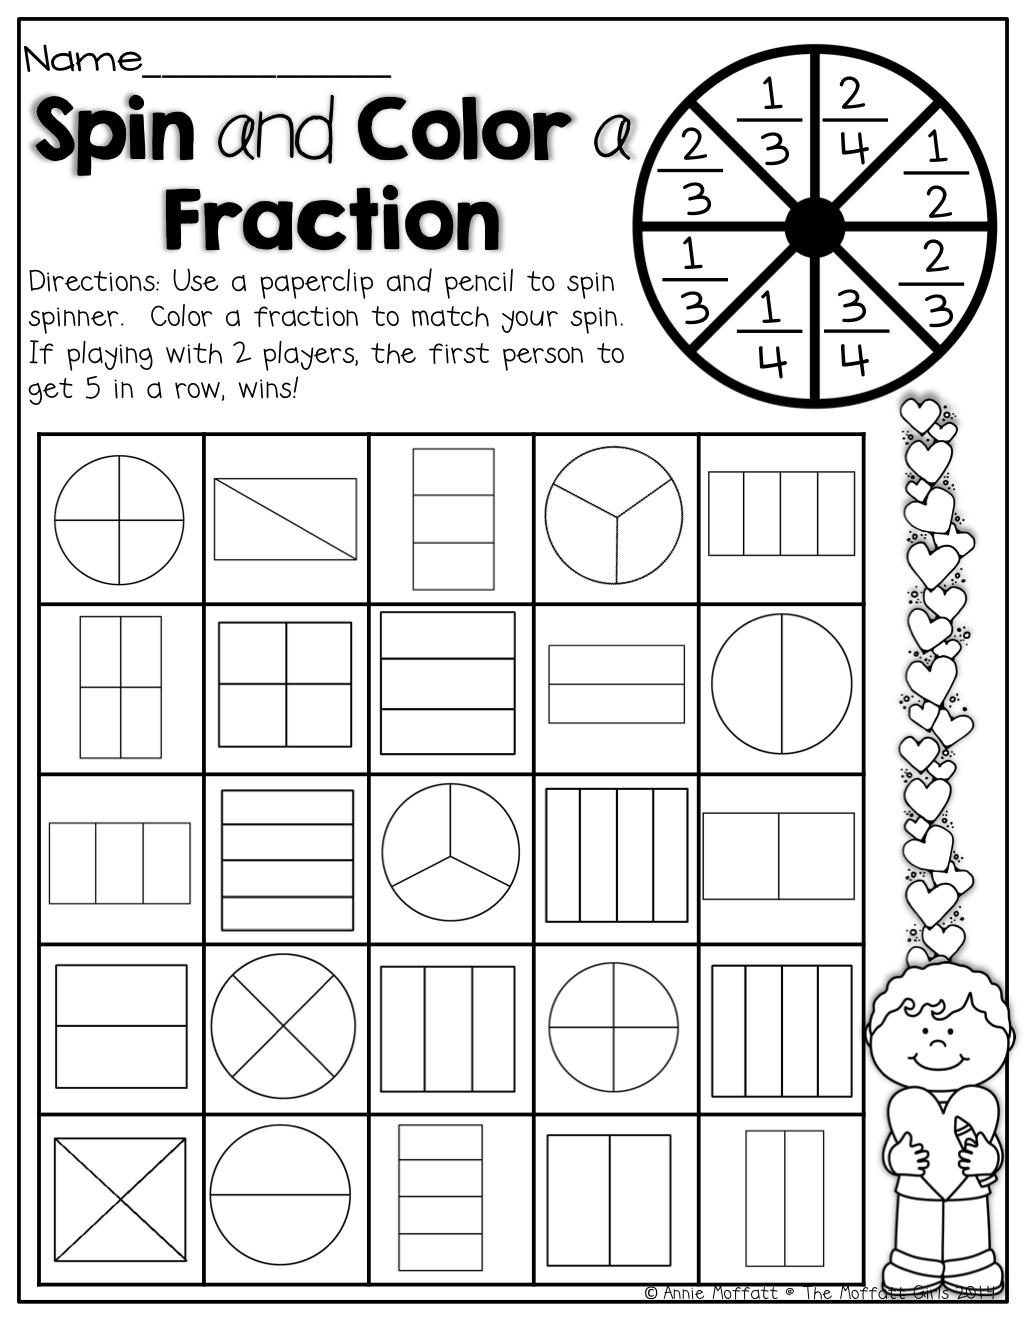 February NO PREP Packet (1st Grade)   2de leerjaar wiskunde [ 1325 x 1024 Pixel ]